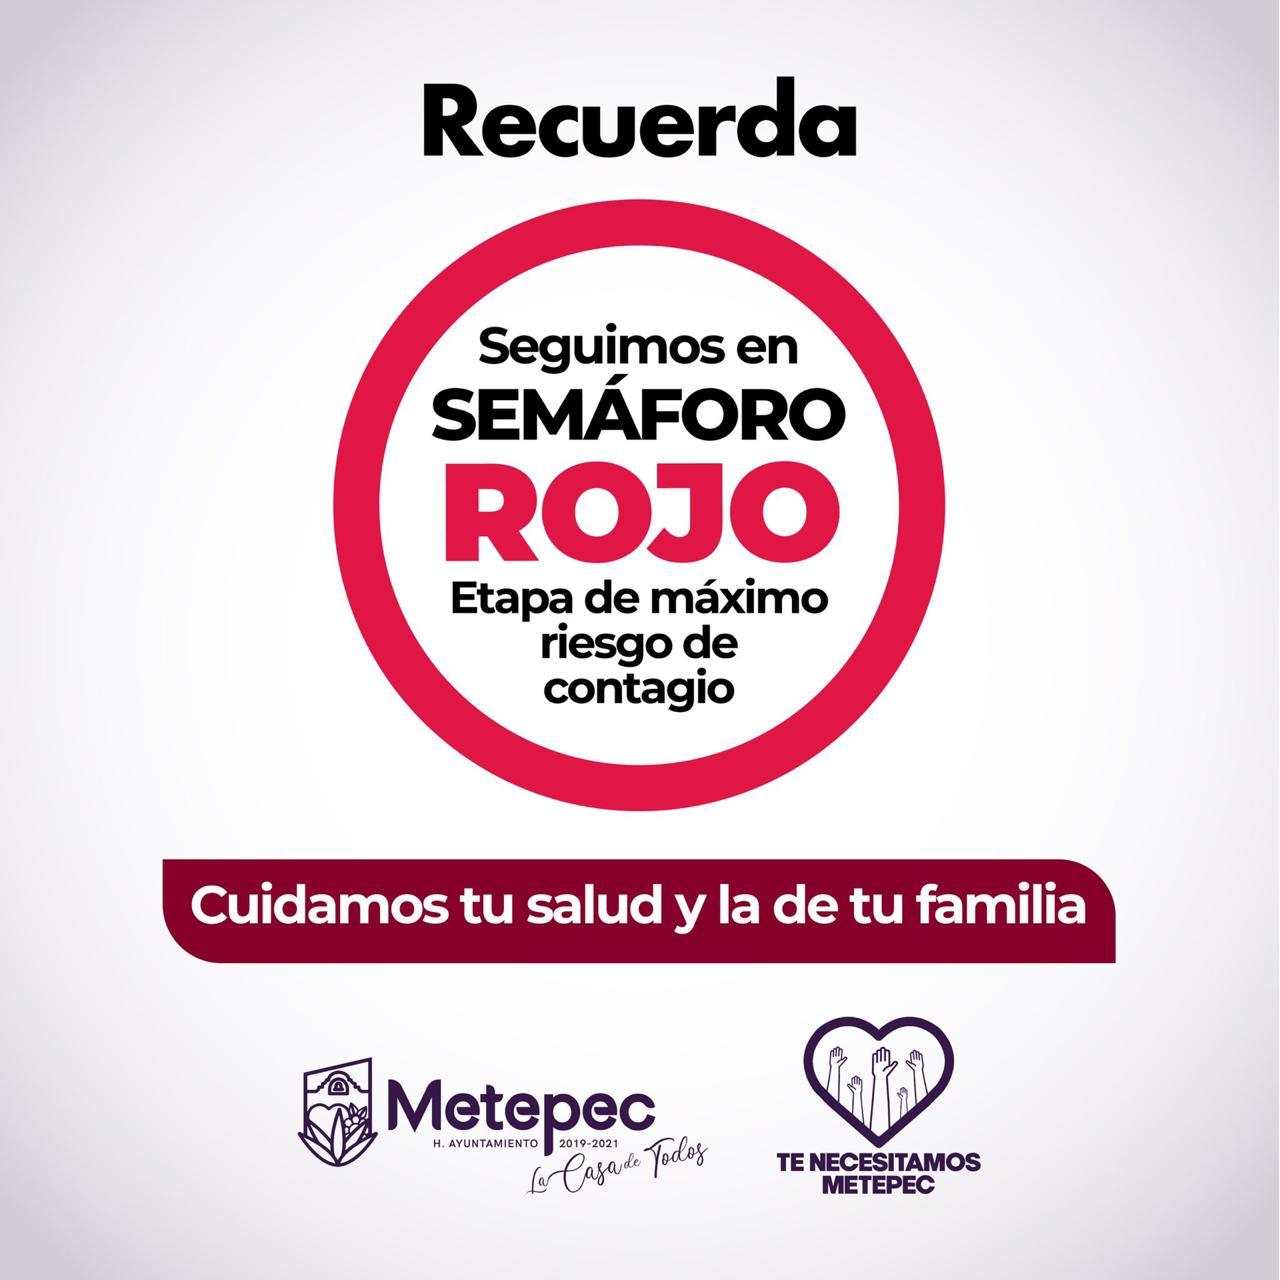 Metepec continuará aplicando medidas de prevención ante el anuncio de continuidad de semáforo rojo en la entidad